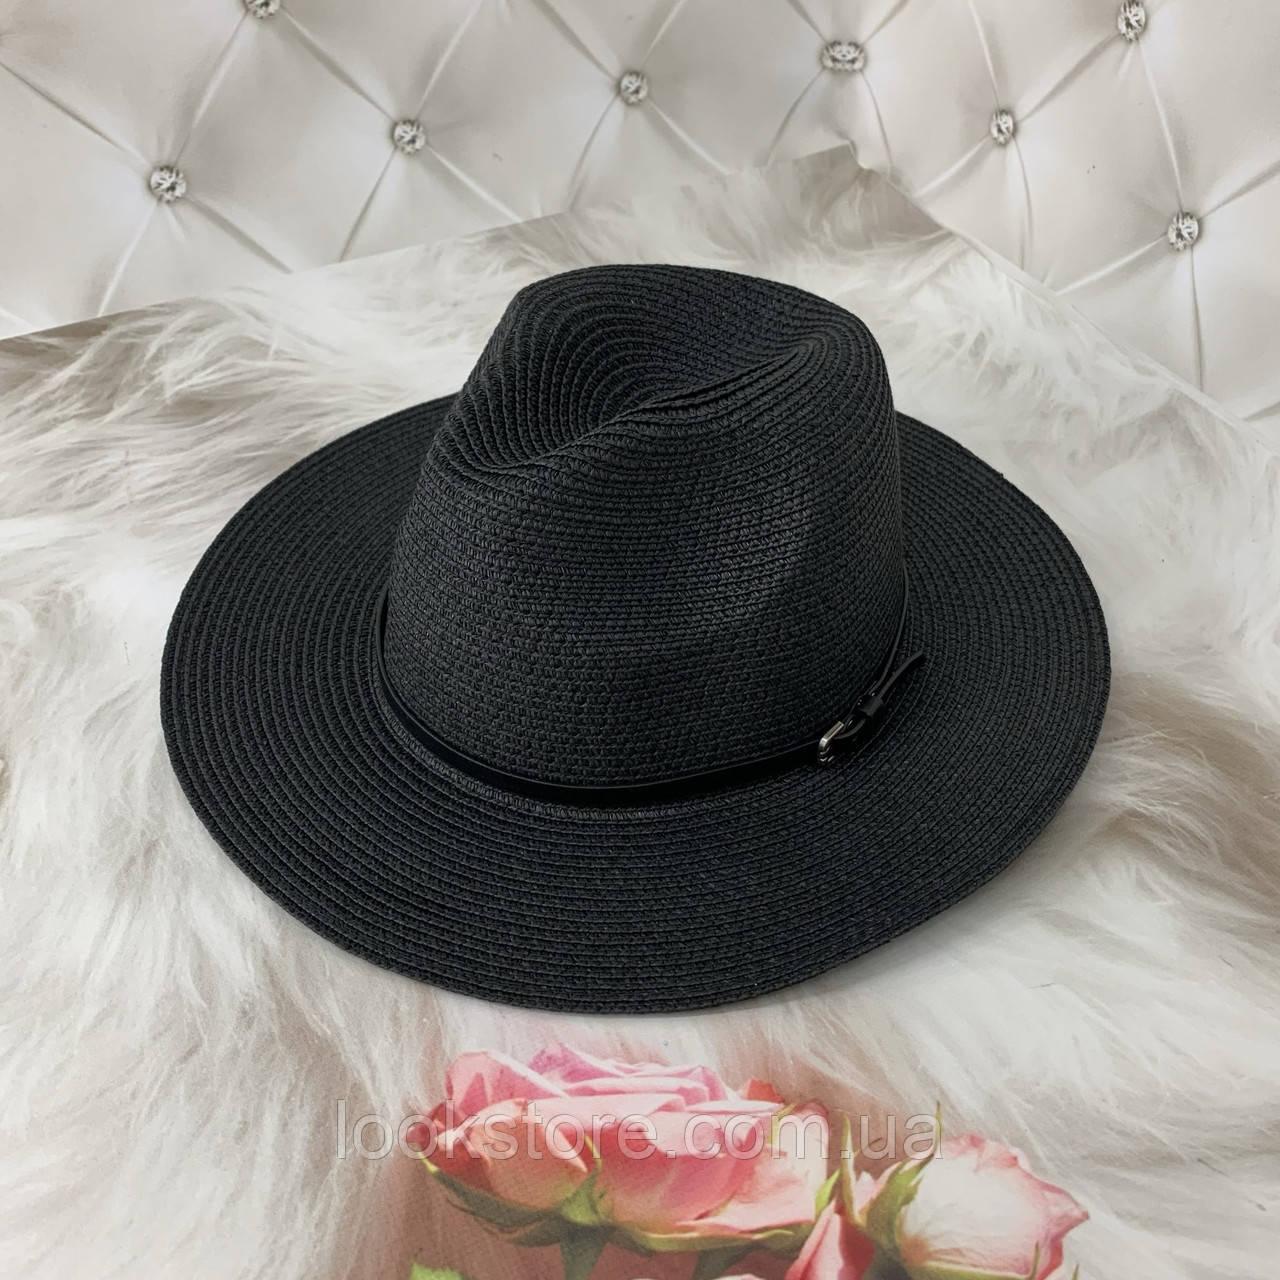 Жіноча літнє капелюх Федора чорна